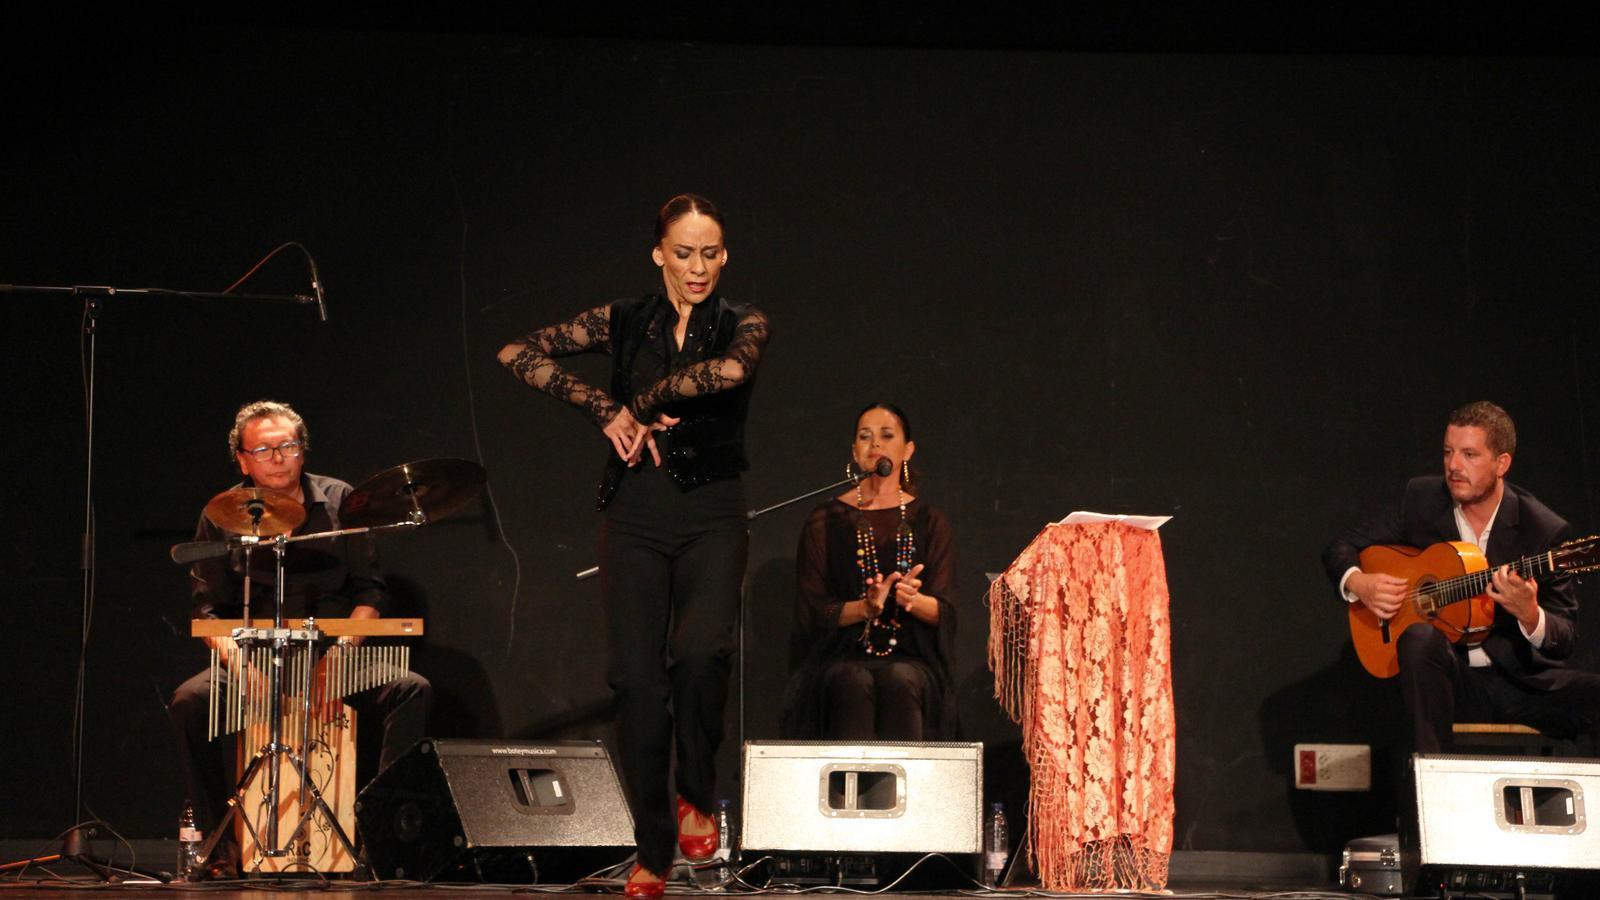 Actuació de Sonia Miranda aquest dimecres a l'ACCO Centre de Congressos d'Ordino./ T. N. (ANA)